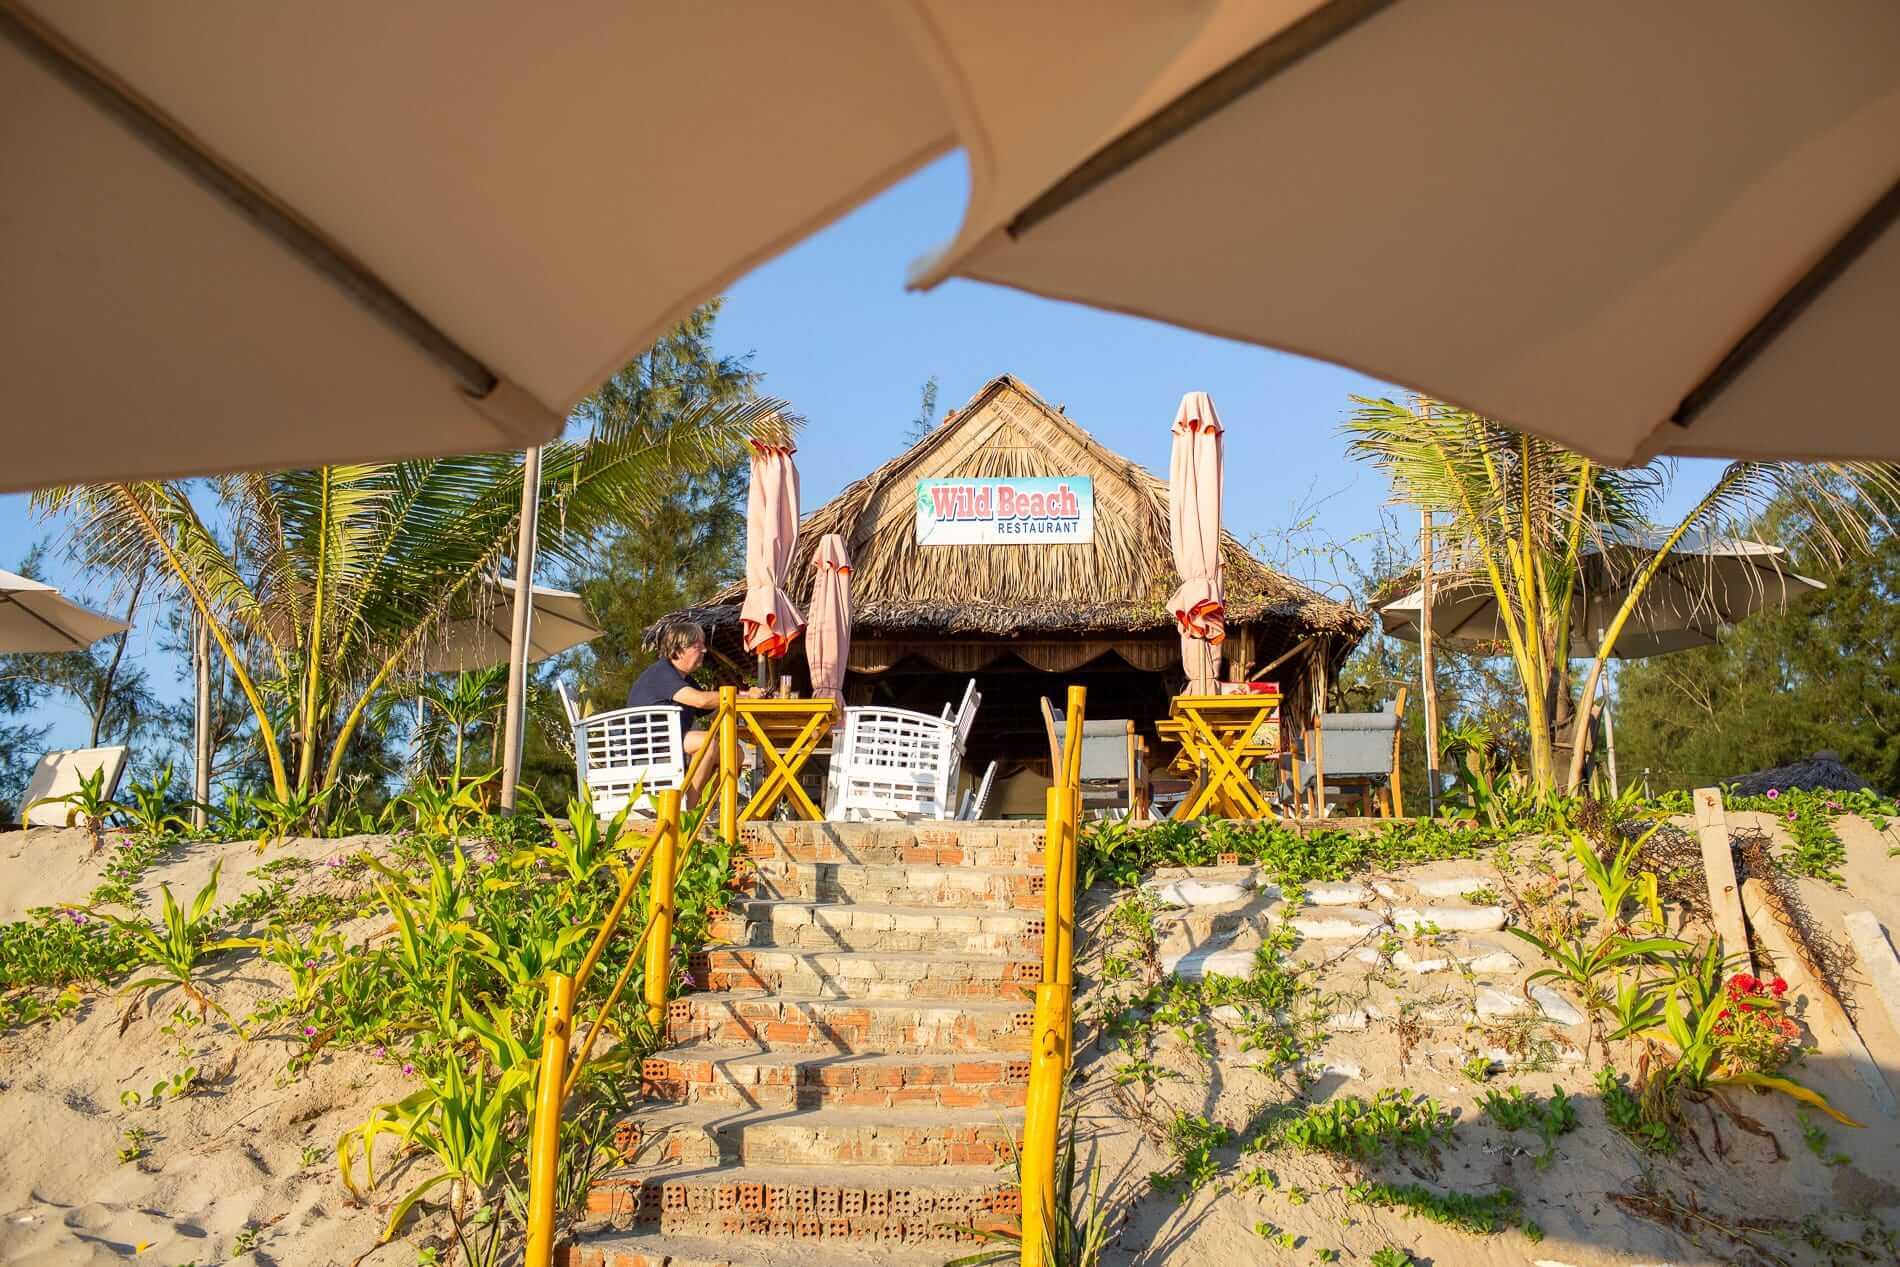 Wild beach restaurant